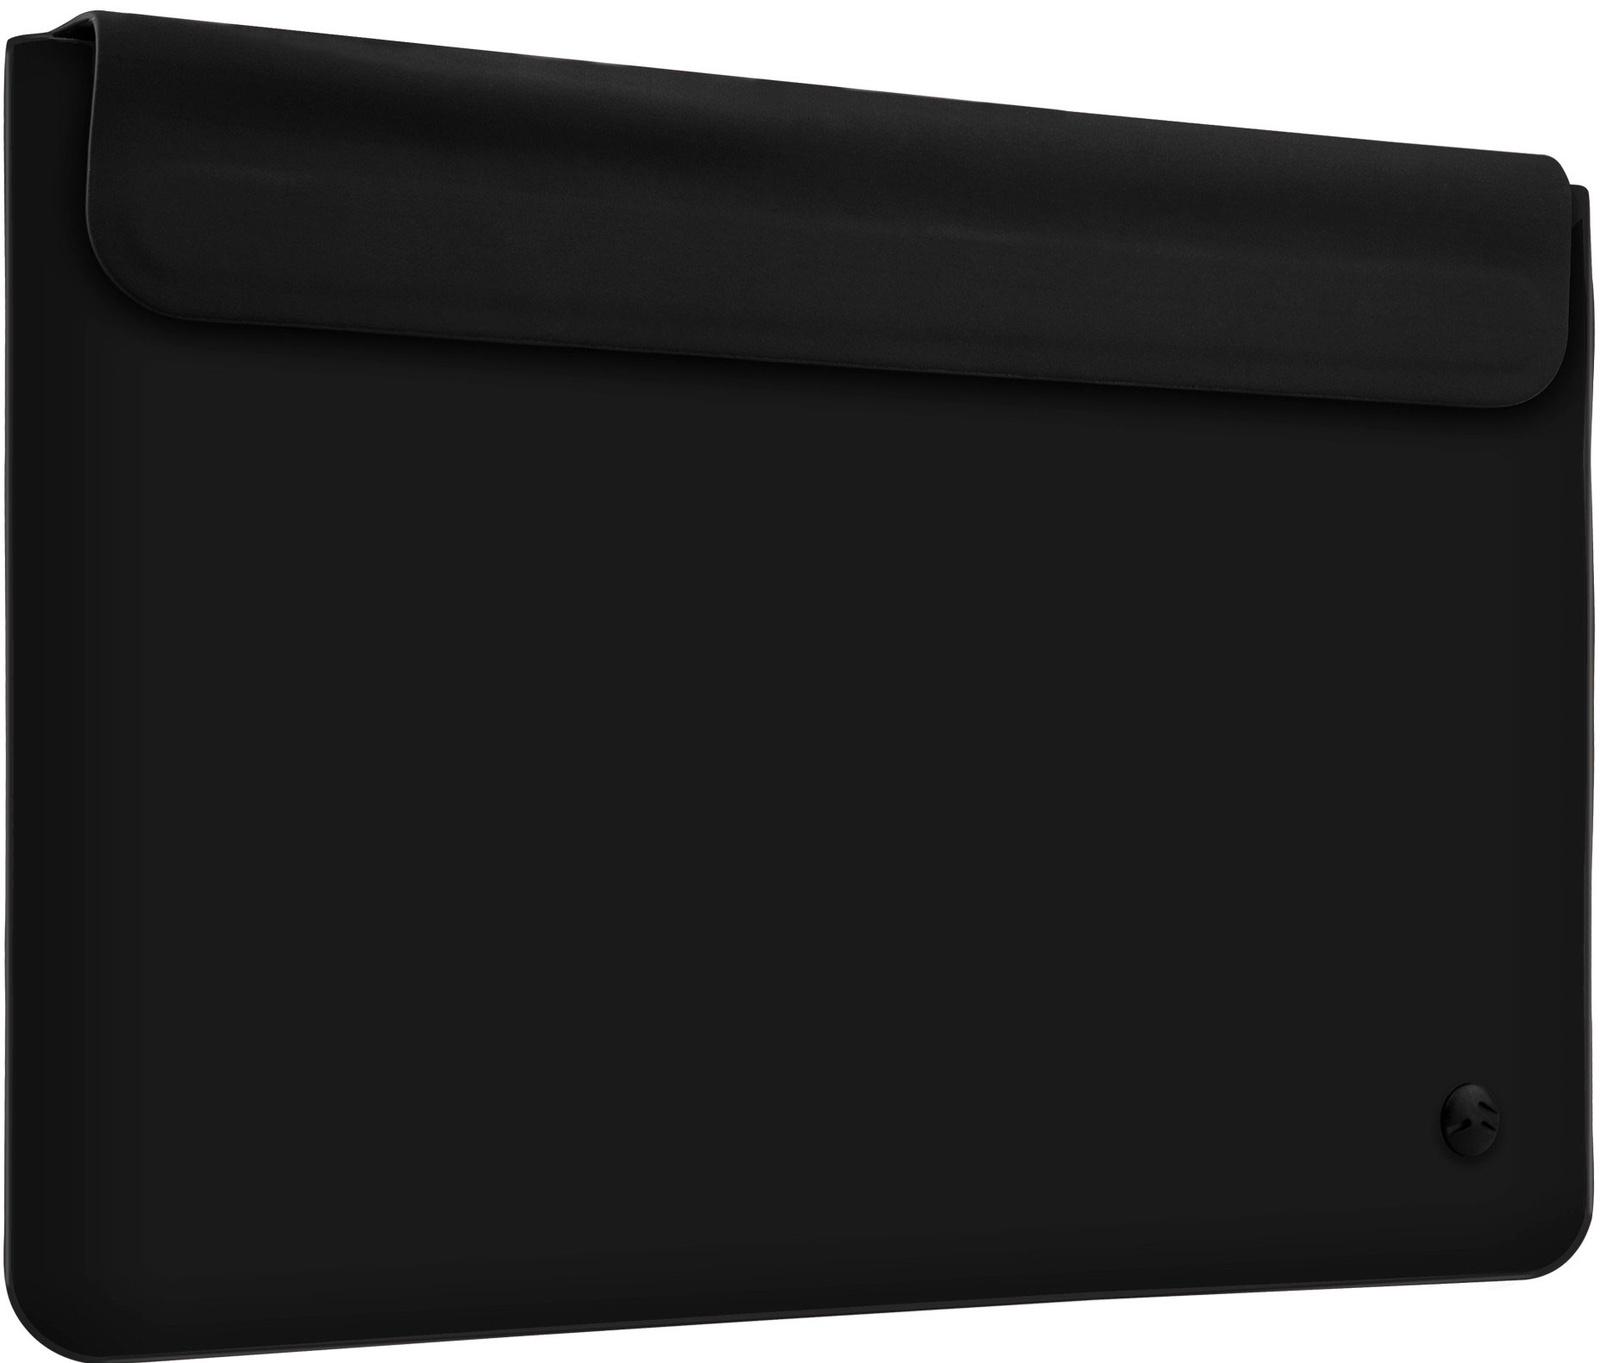 Чехол для ноутбука SwitchEasy Thins для Macbook Pro 15, черный чехол speck smartshell для macbook pro 15